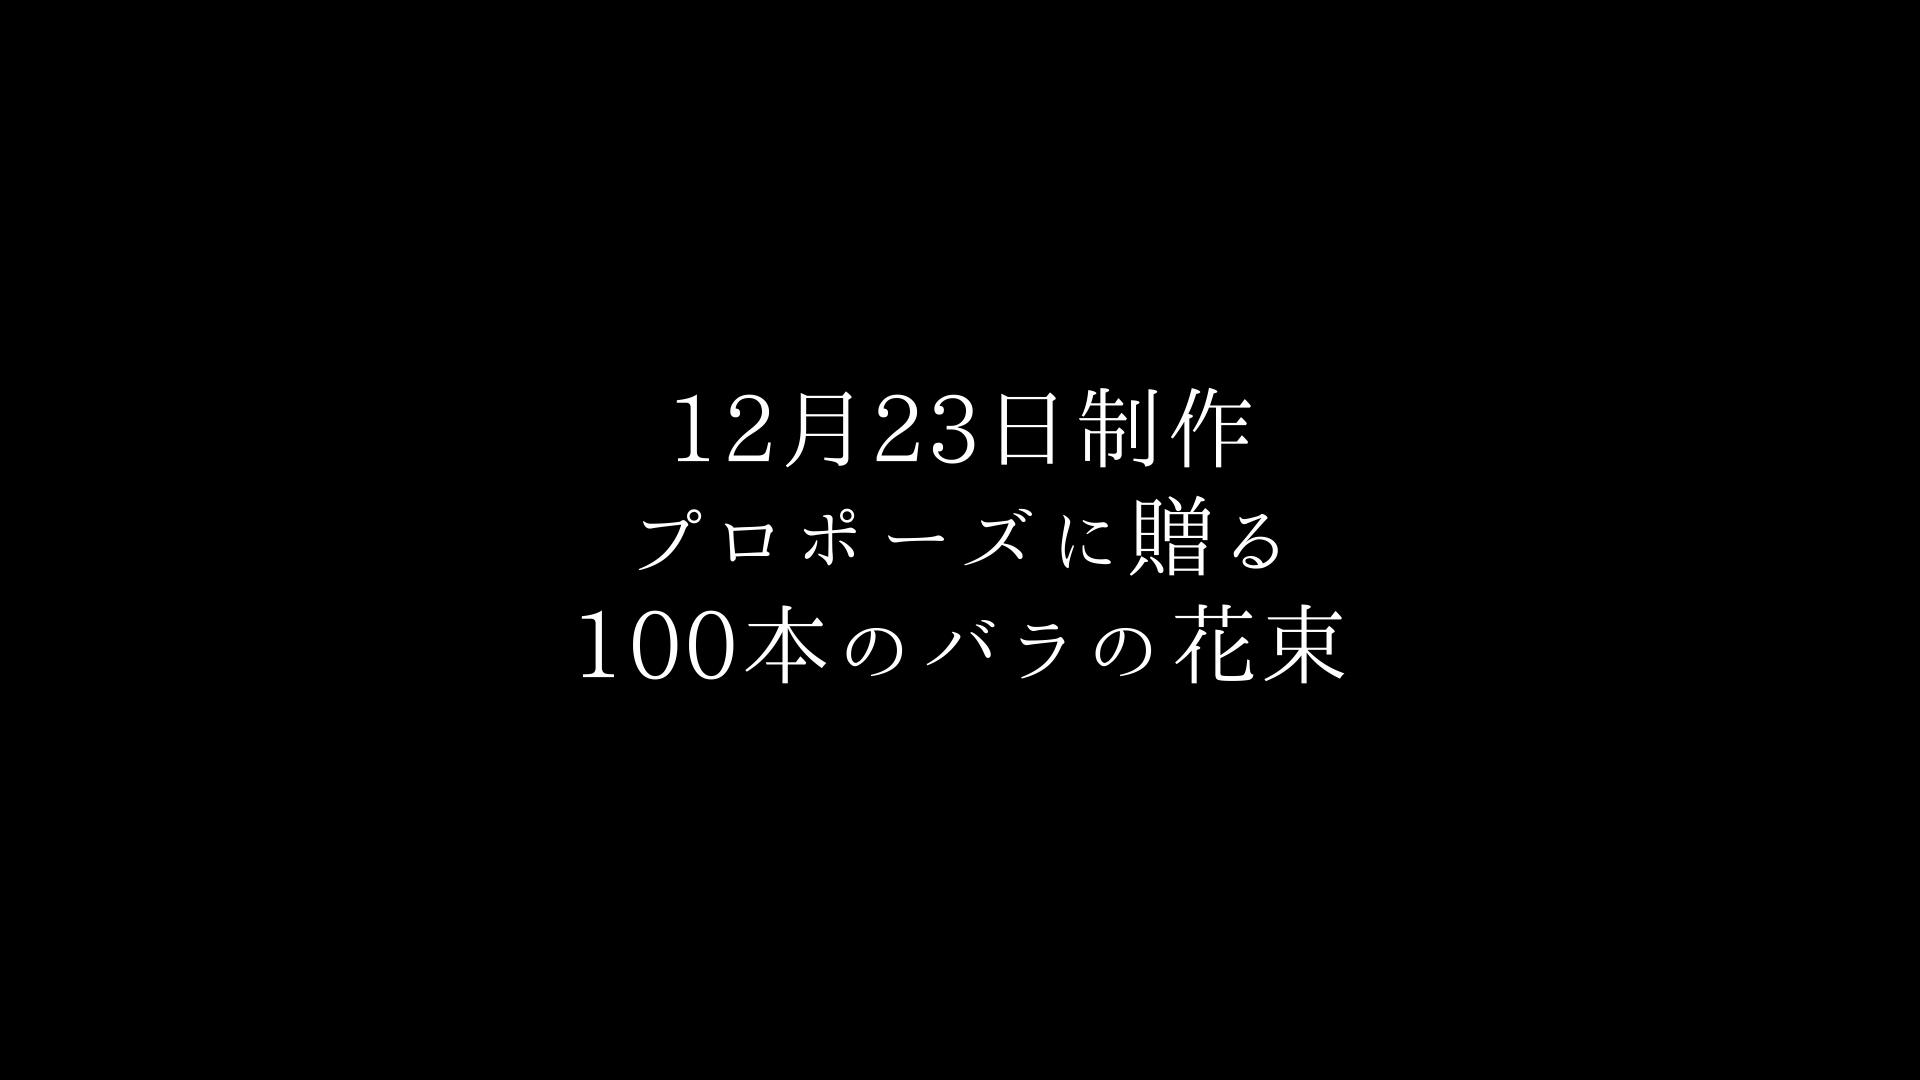 プロポーズに贈るバラ100本の花束制作動画 2020.12.23撮影